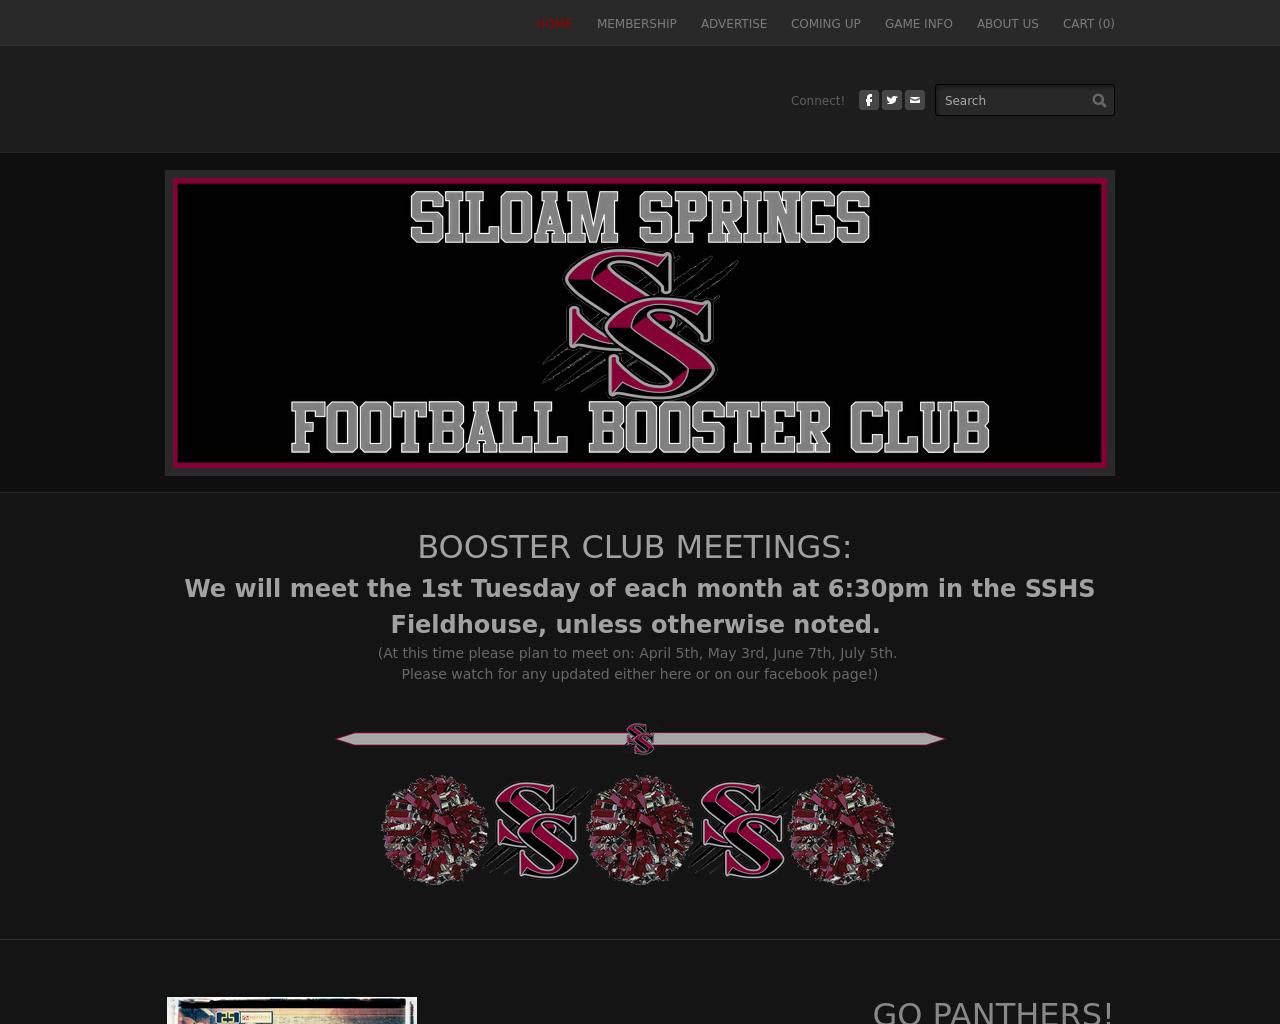 Ssfootballboosters-Advertising-Reviews-Pricing